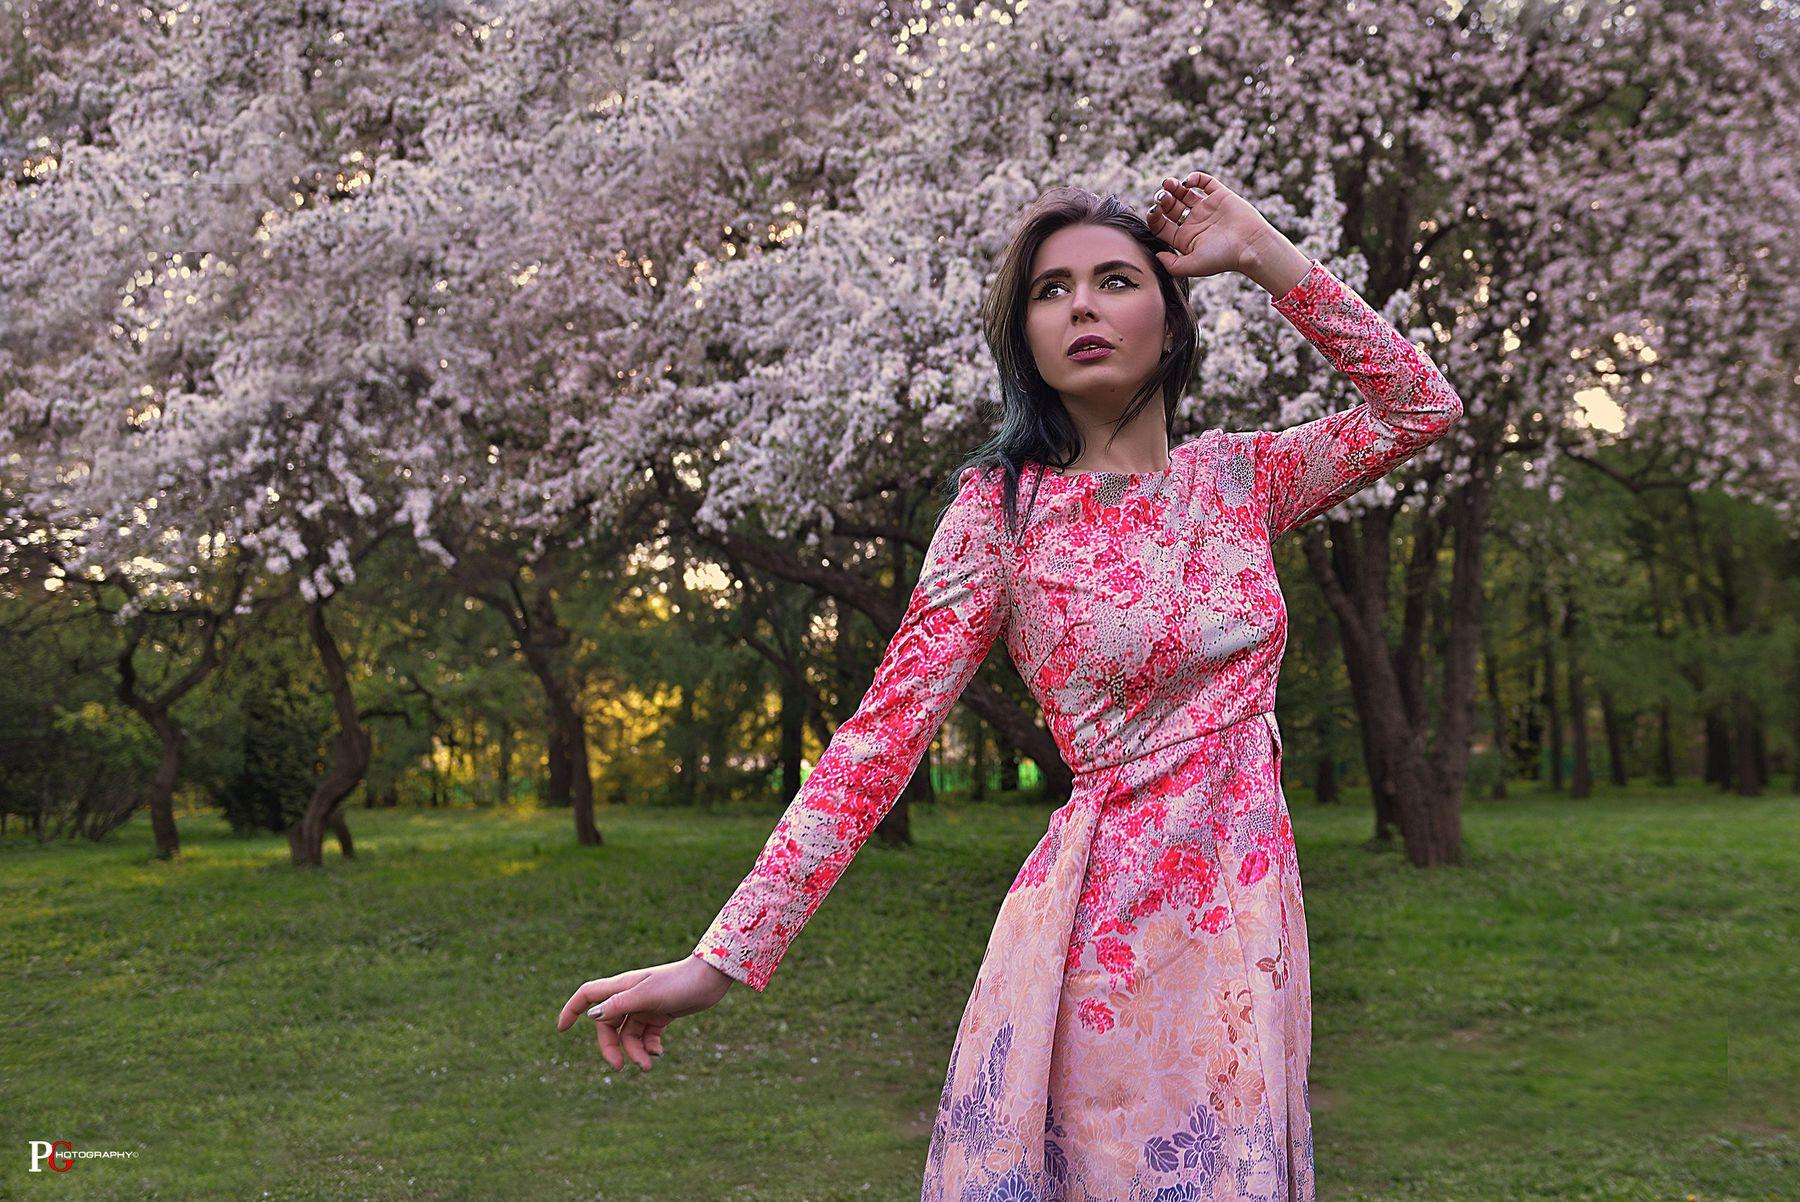 цветение павел генов фотограф в москве хочу фотосет цветение платье модель москва